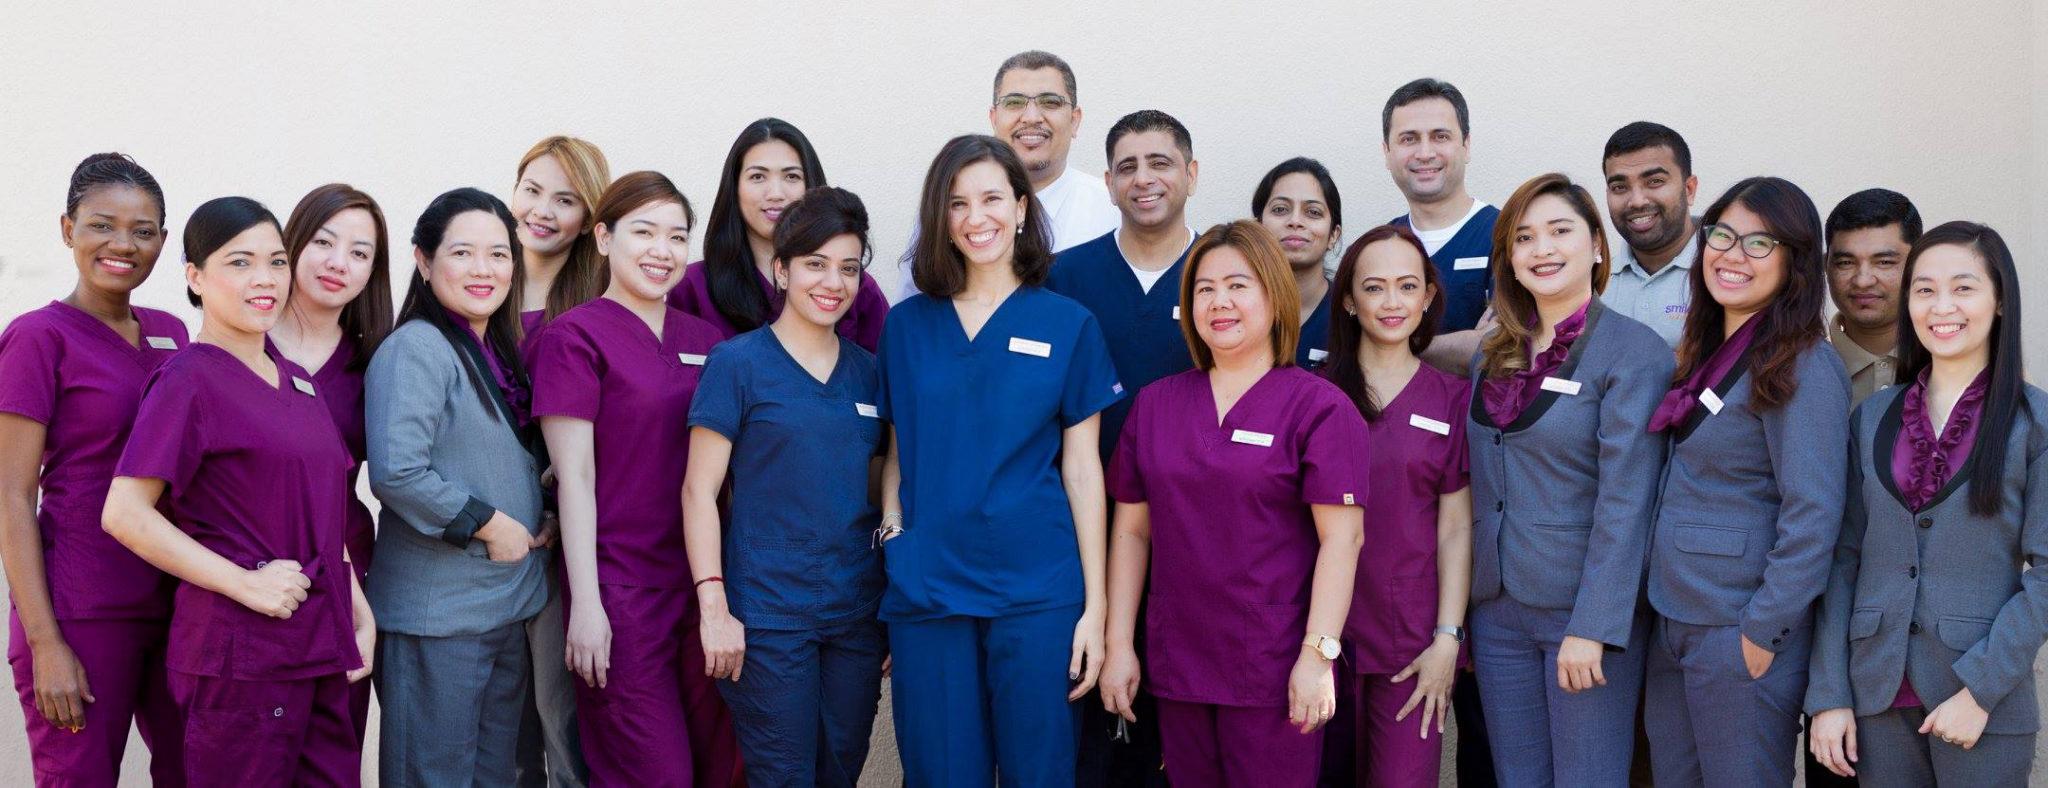 Pediatric dentist Abu Dhabi